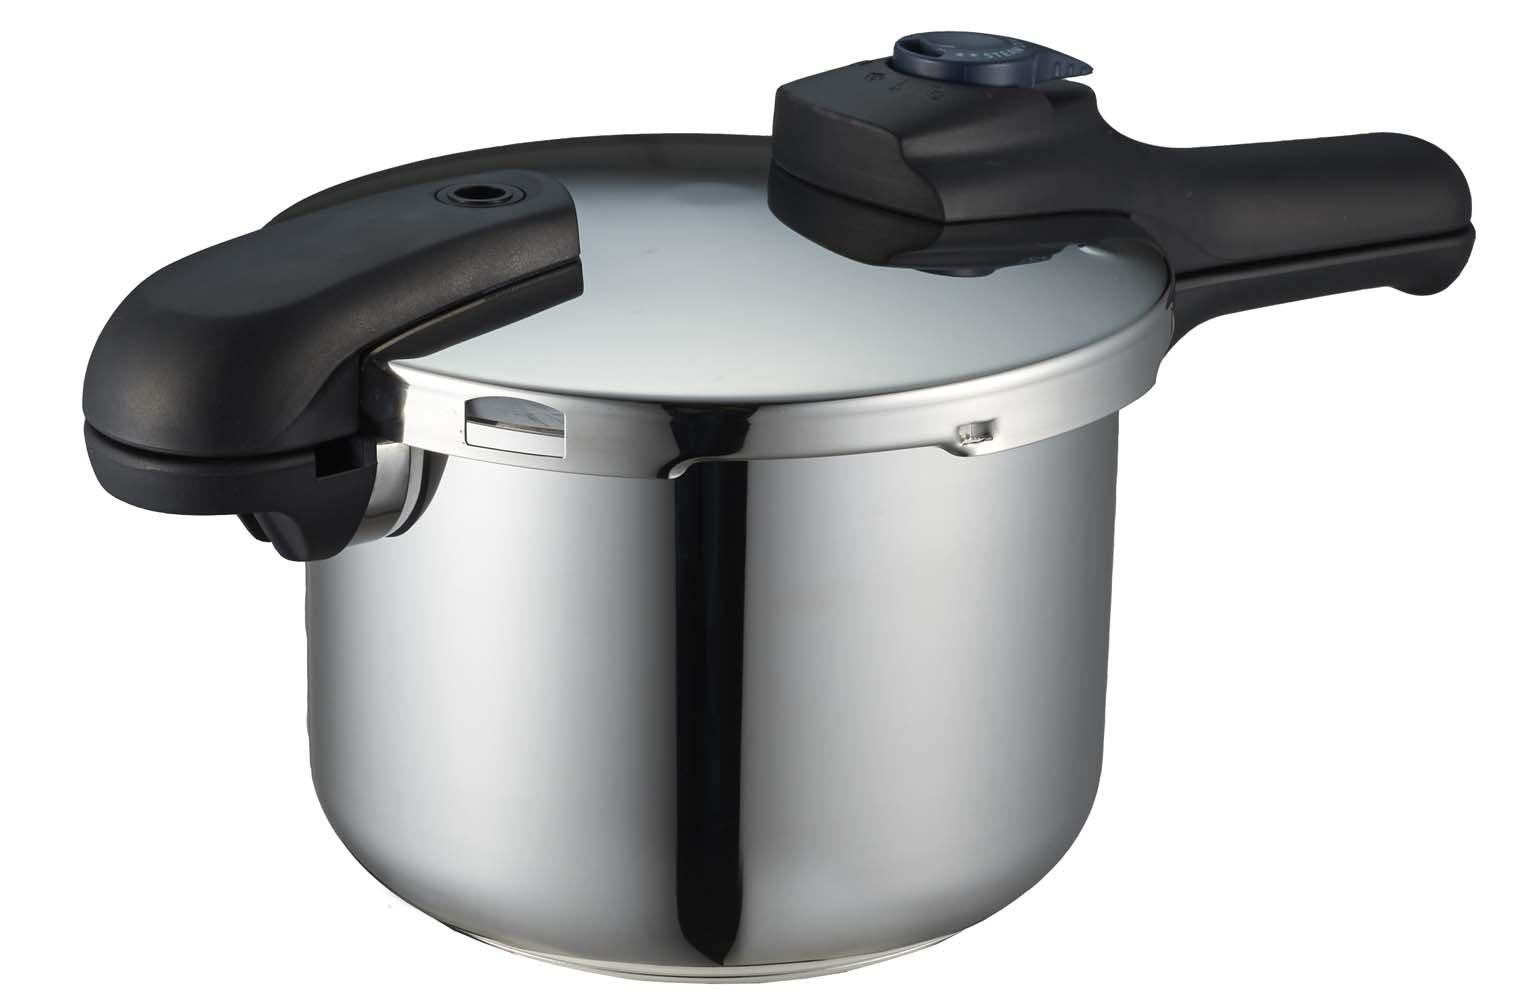 パール金属(PEARL) クイックエコ 3層底切り替え式圧力鍋 H-5041の商品画像